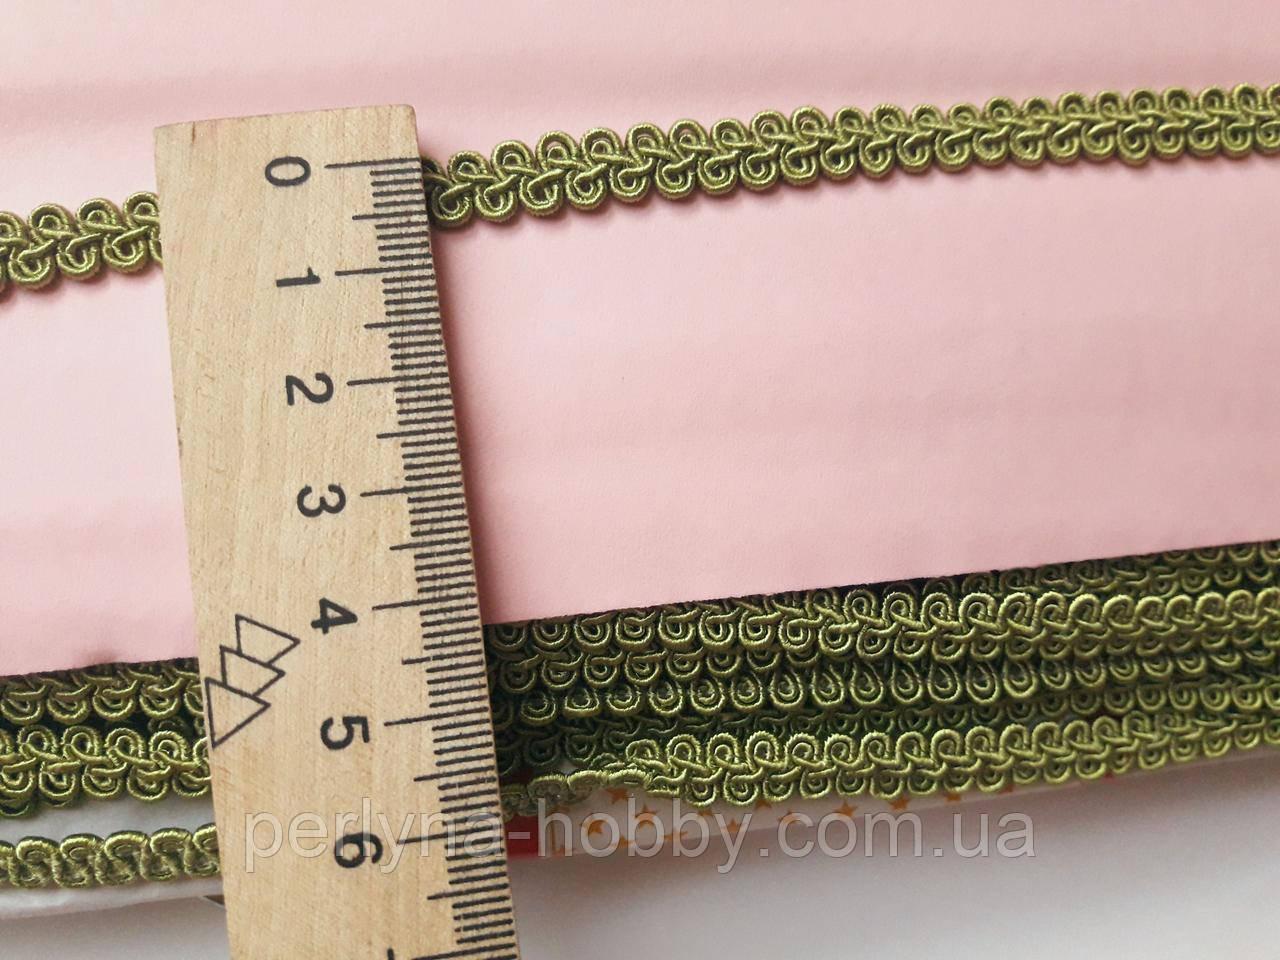 Тасьма  декоративна шанель вузька 6мм оливкова